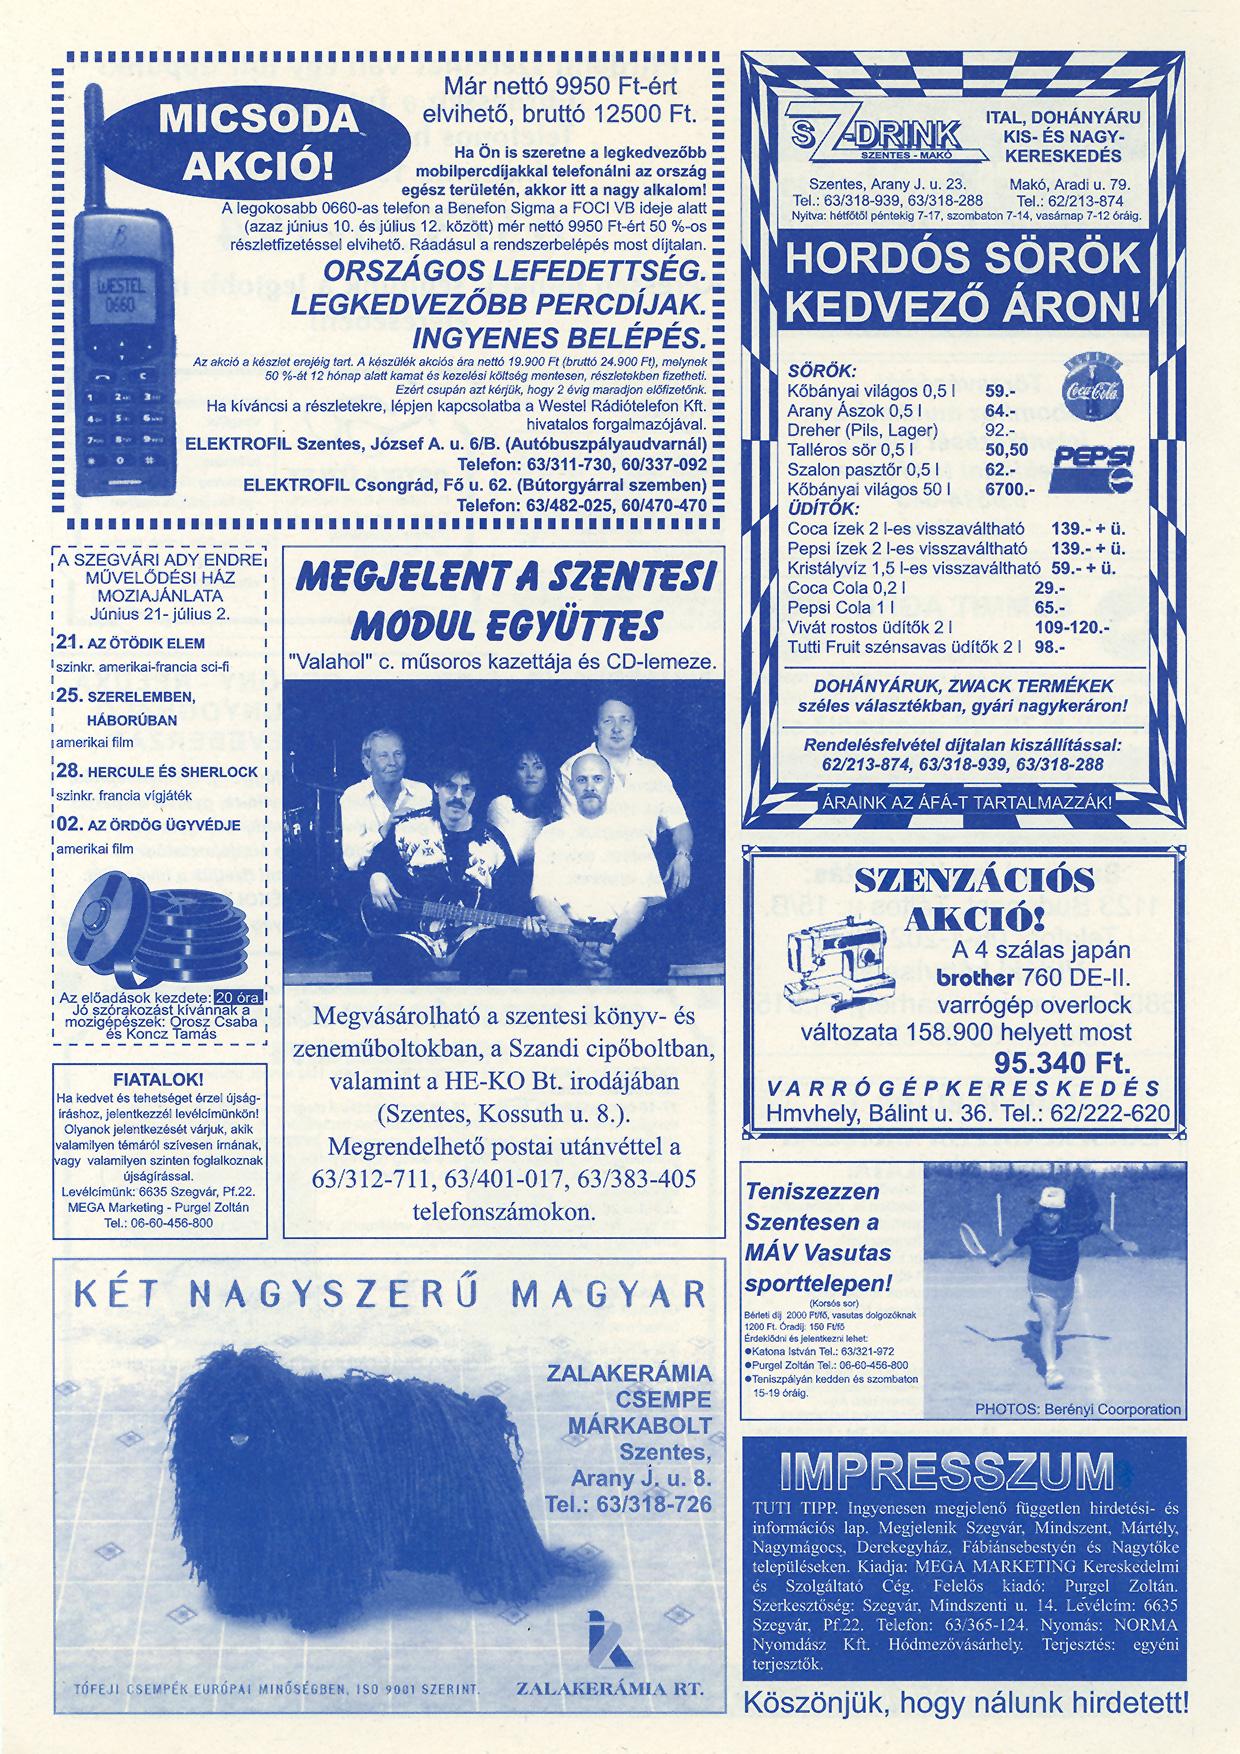 024 Tuti Tipp reklámújság - 19980620-088. lapszám - 2.oldal - IV. évfolyam.jpg